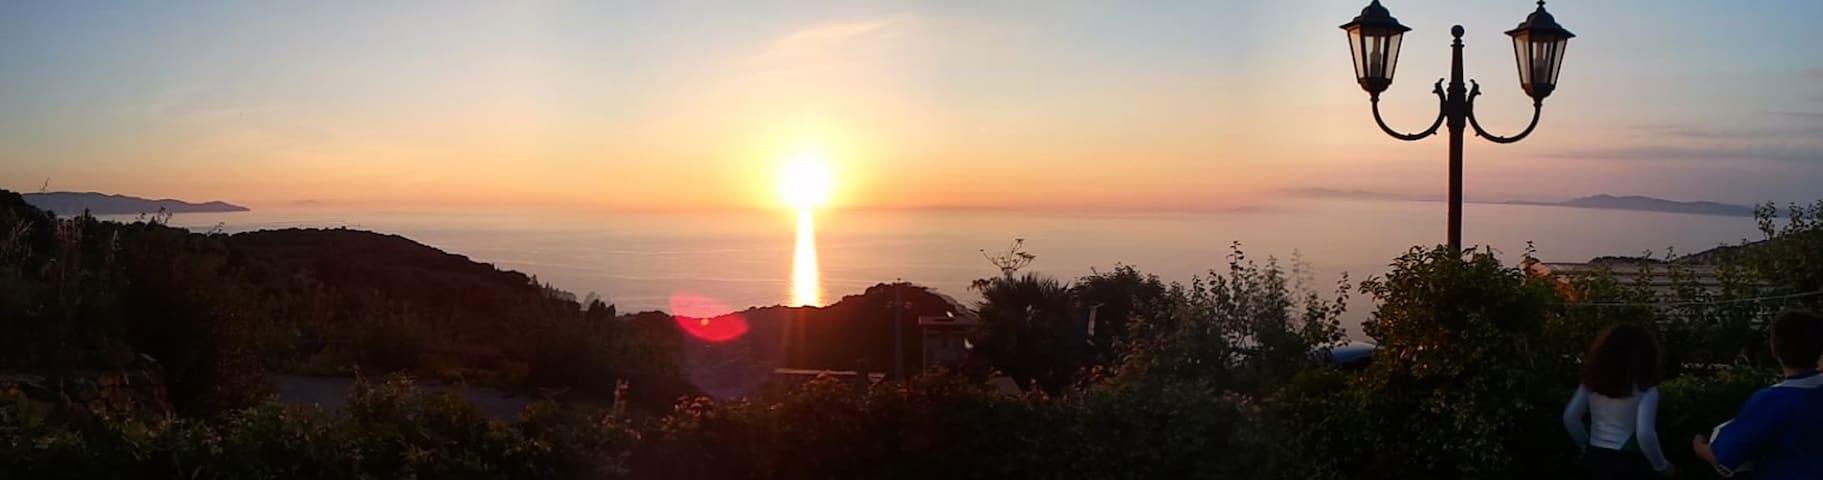 Monteargentario panorama mozzafiato e tranquillità - Porto Santo Stefano - Villa